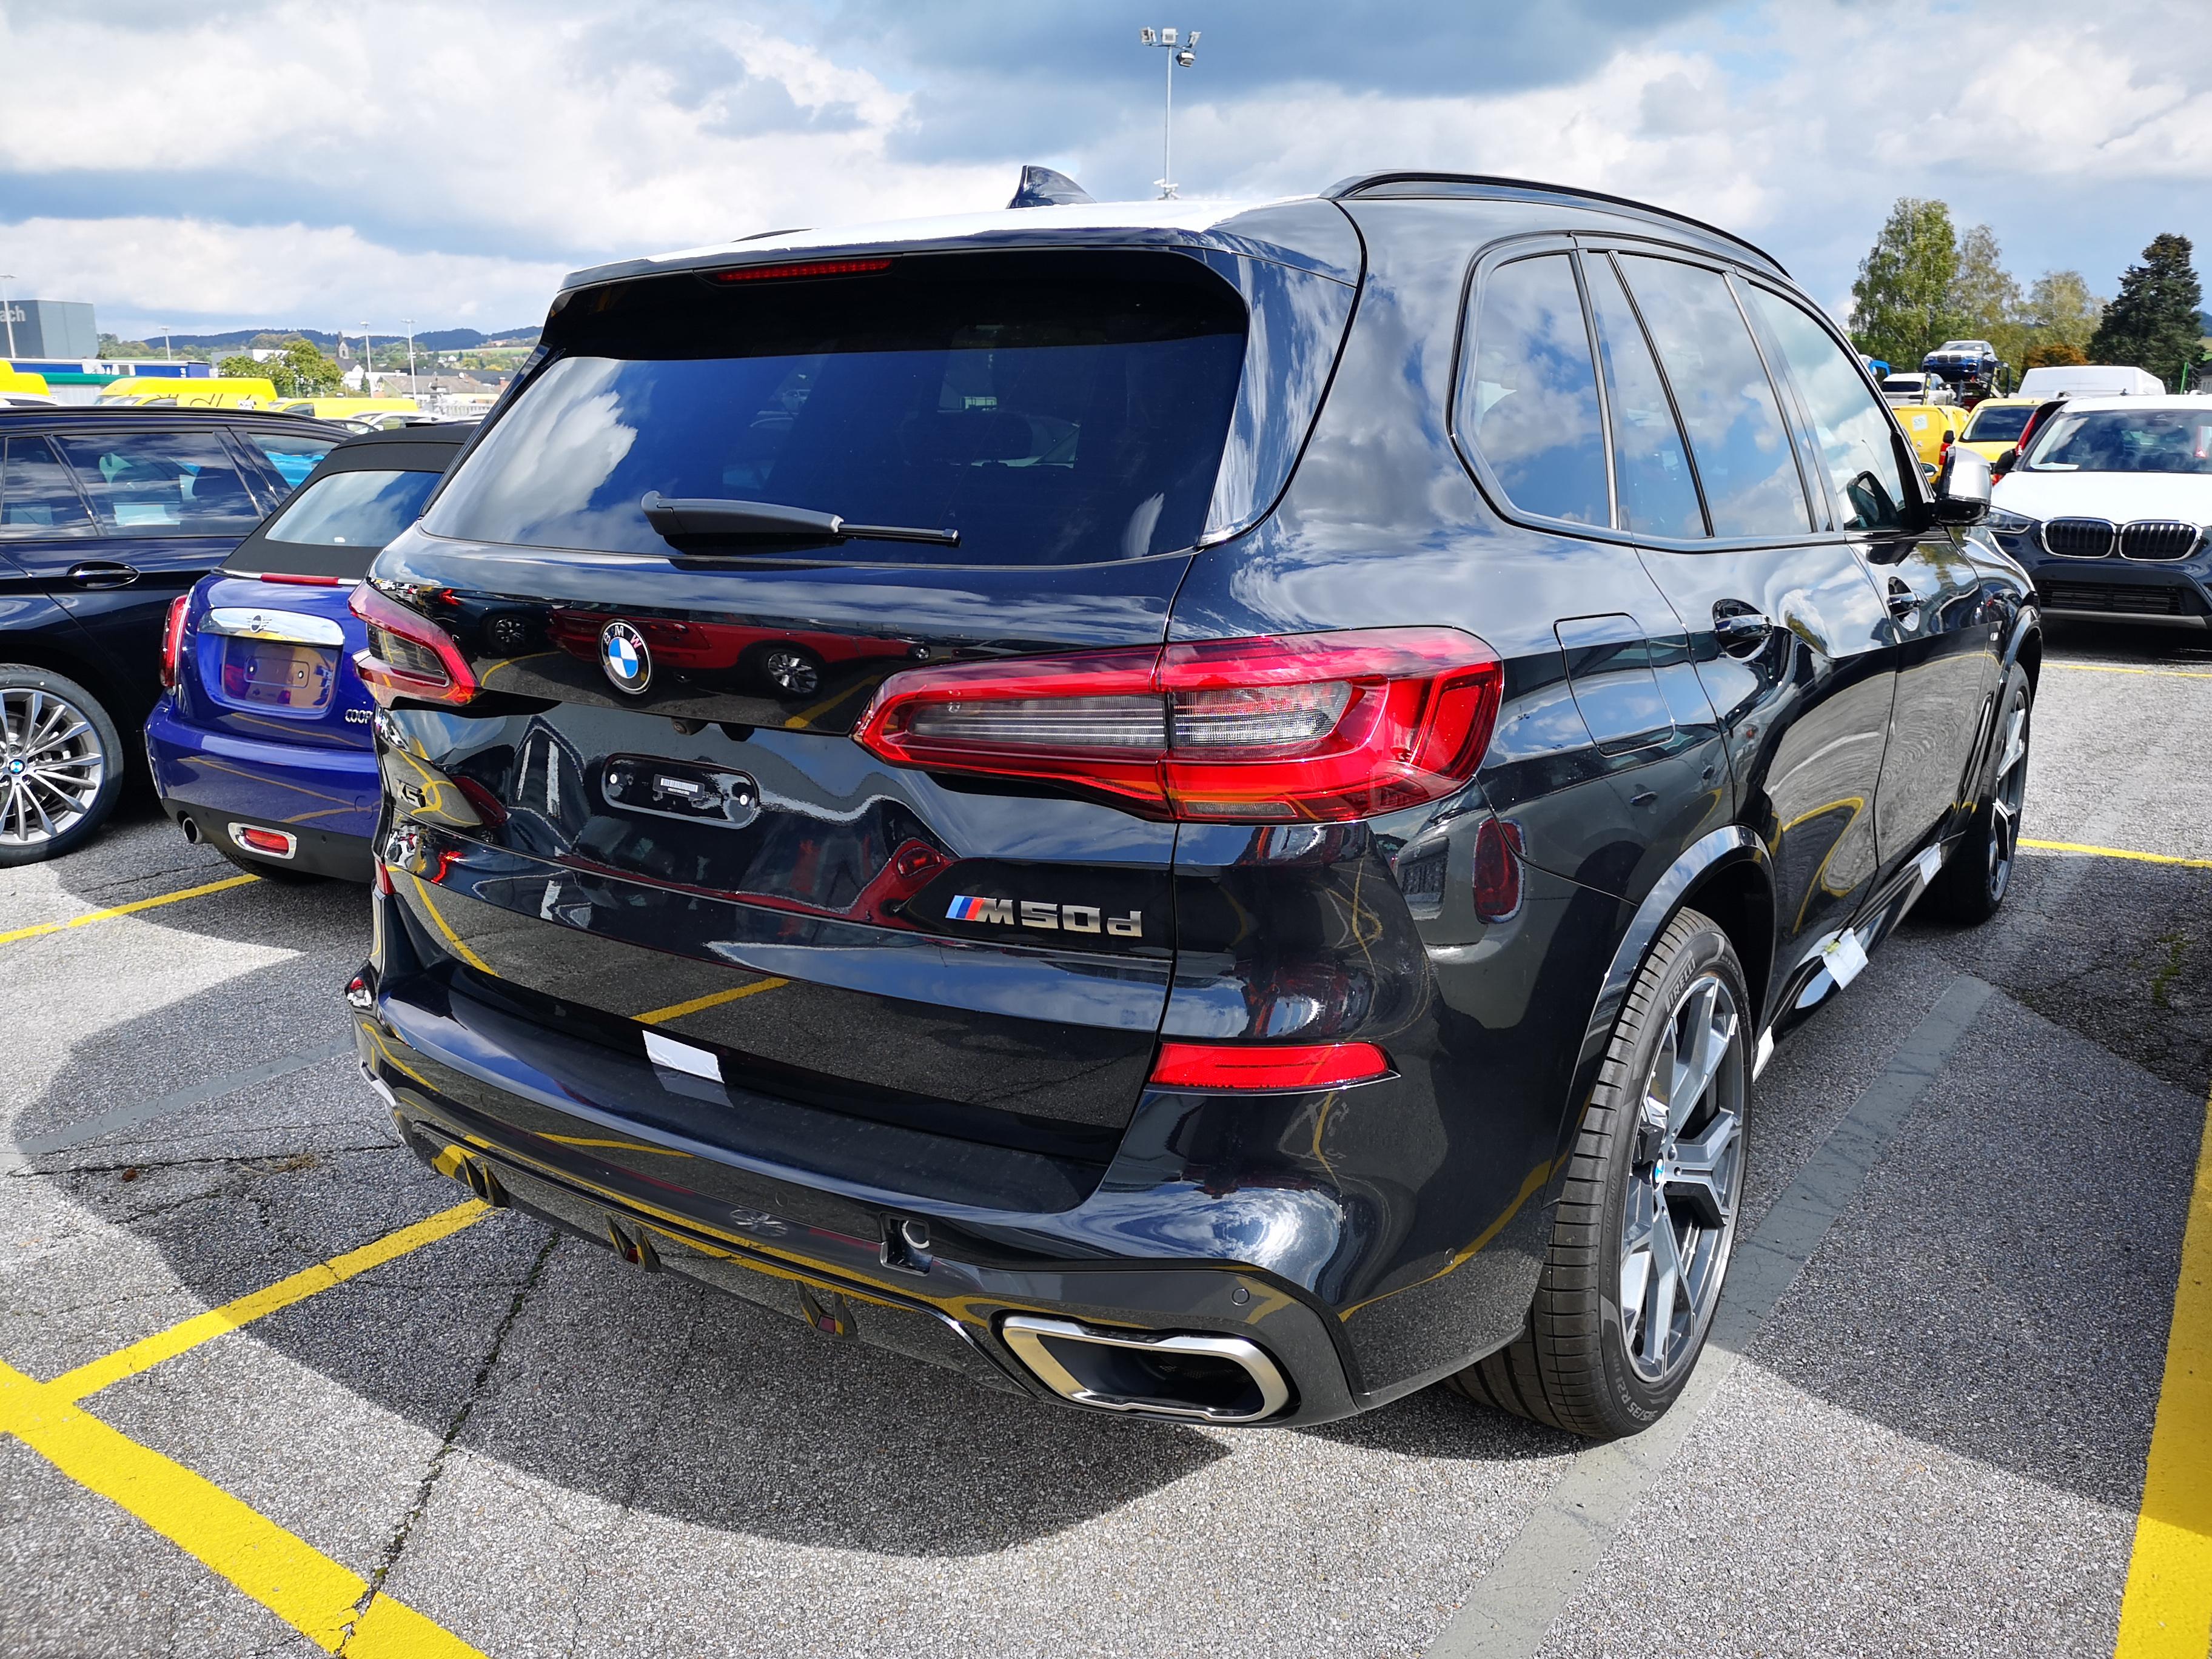 Istraživanje: Nemci kupuju sve snažnije automobile